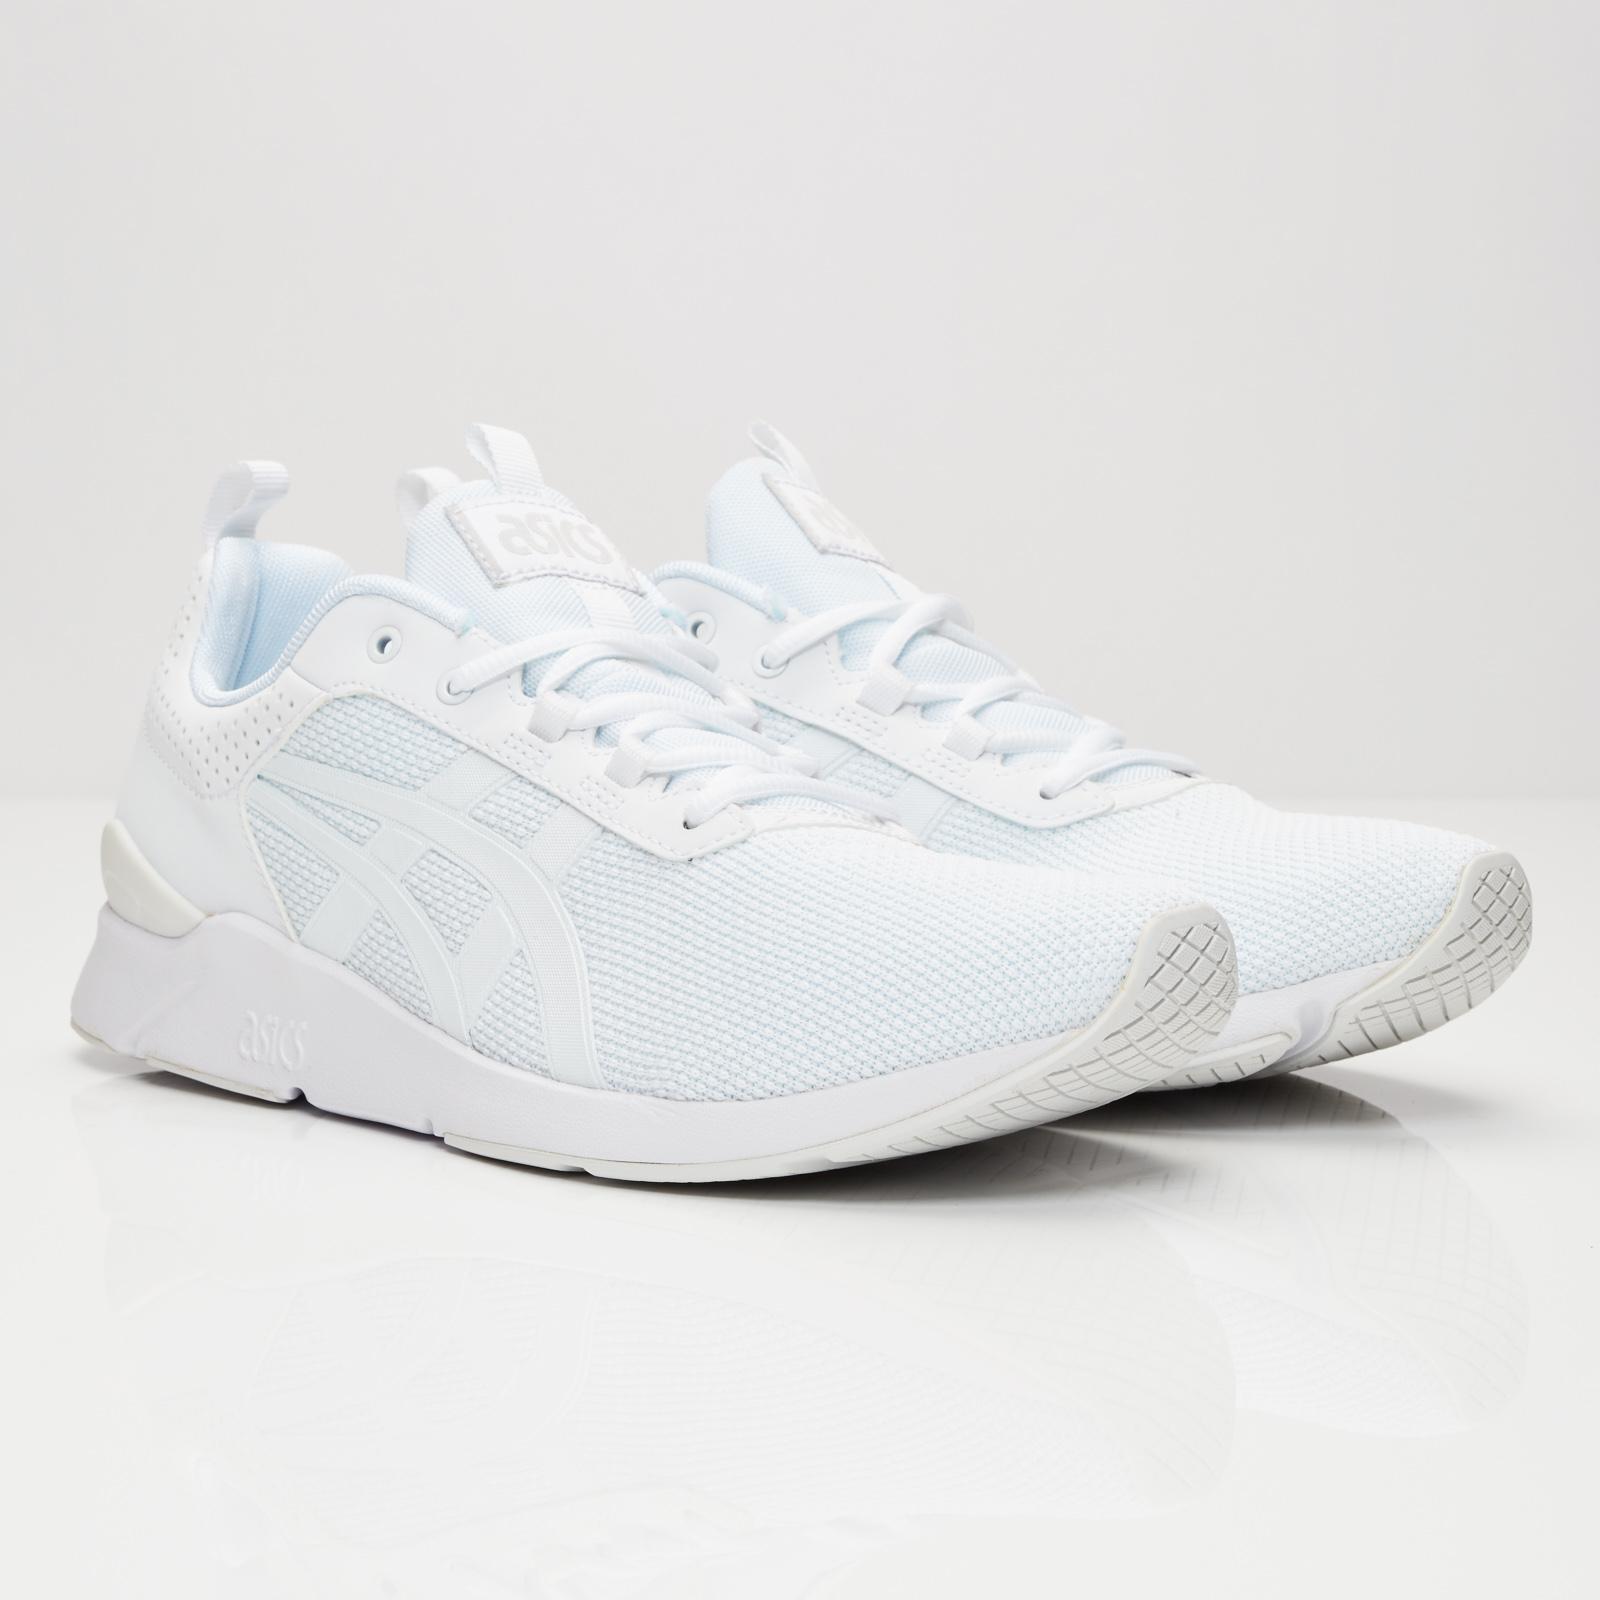 SneakersnstuffSneakers Lyte 0101 H6k2n Tiger Runner Asics Gel XwuPkZlOiT